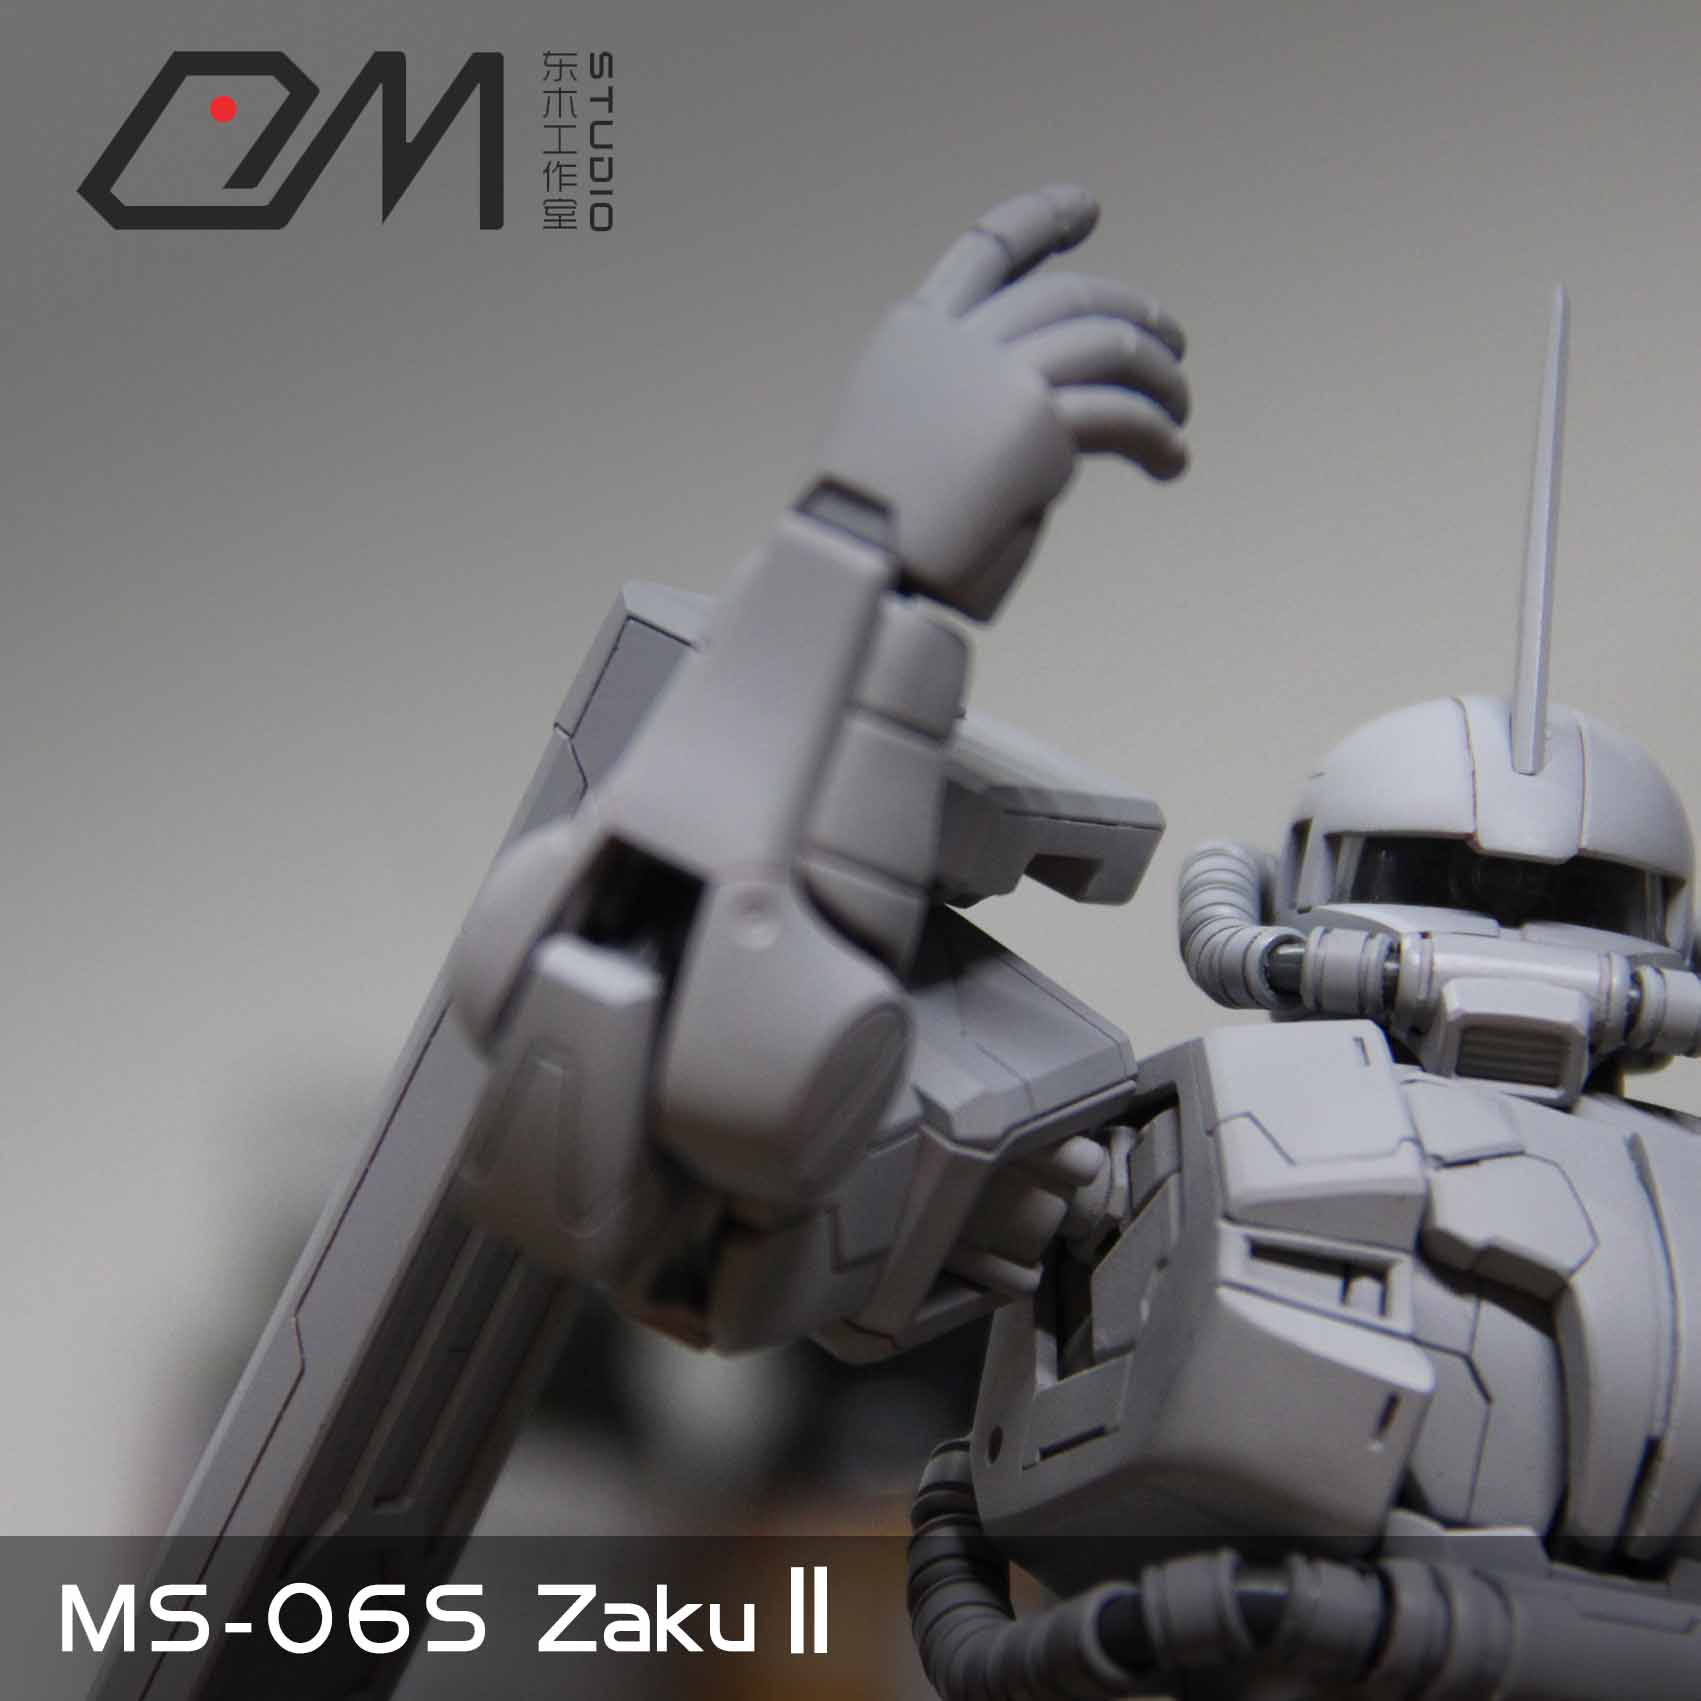 G587_MG_zaku_G40BeyondGlobal_001.jpg